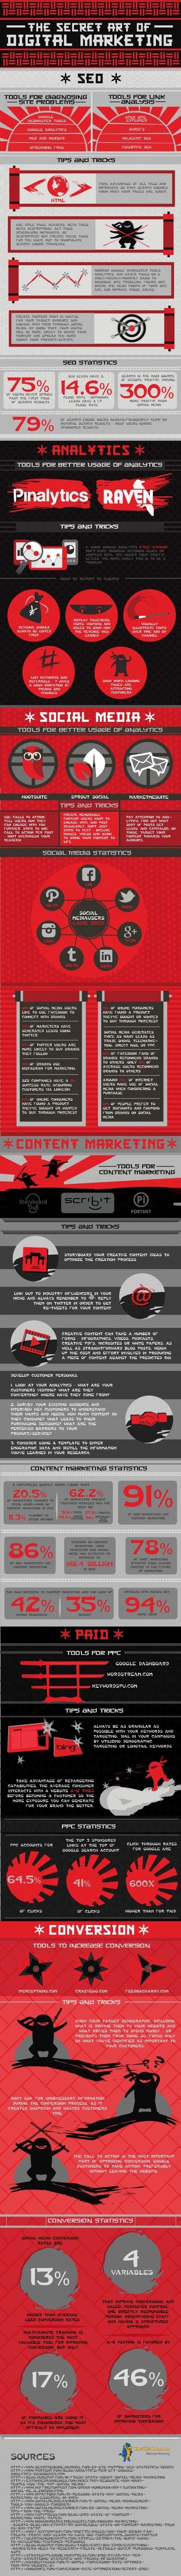 Las 6 áreas del marketing digital – Infografía | MK & Publicidad | Scoop.it